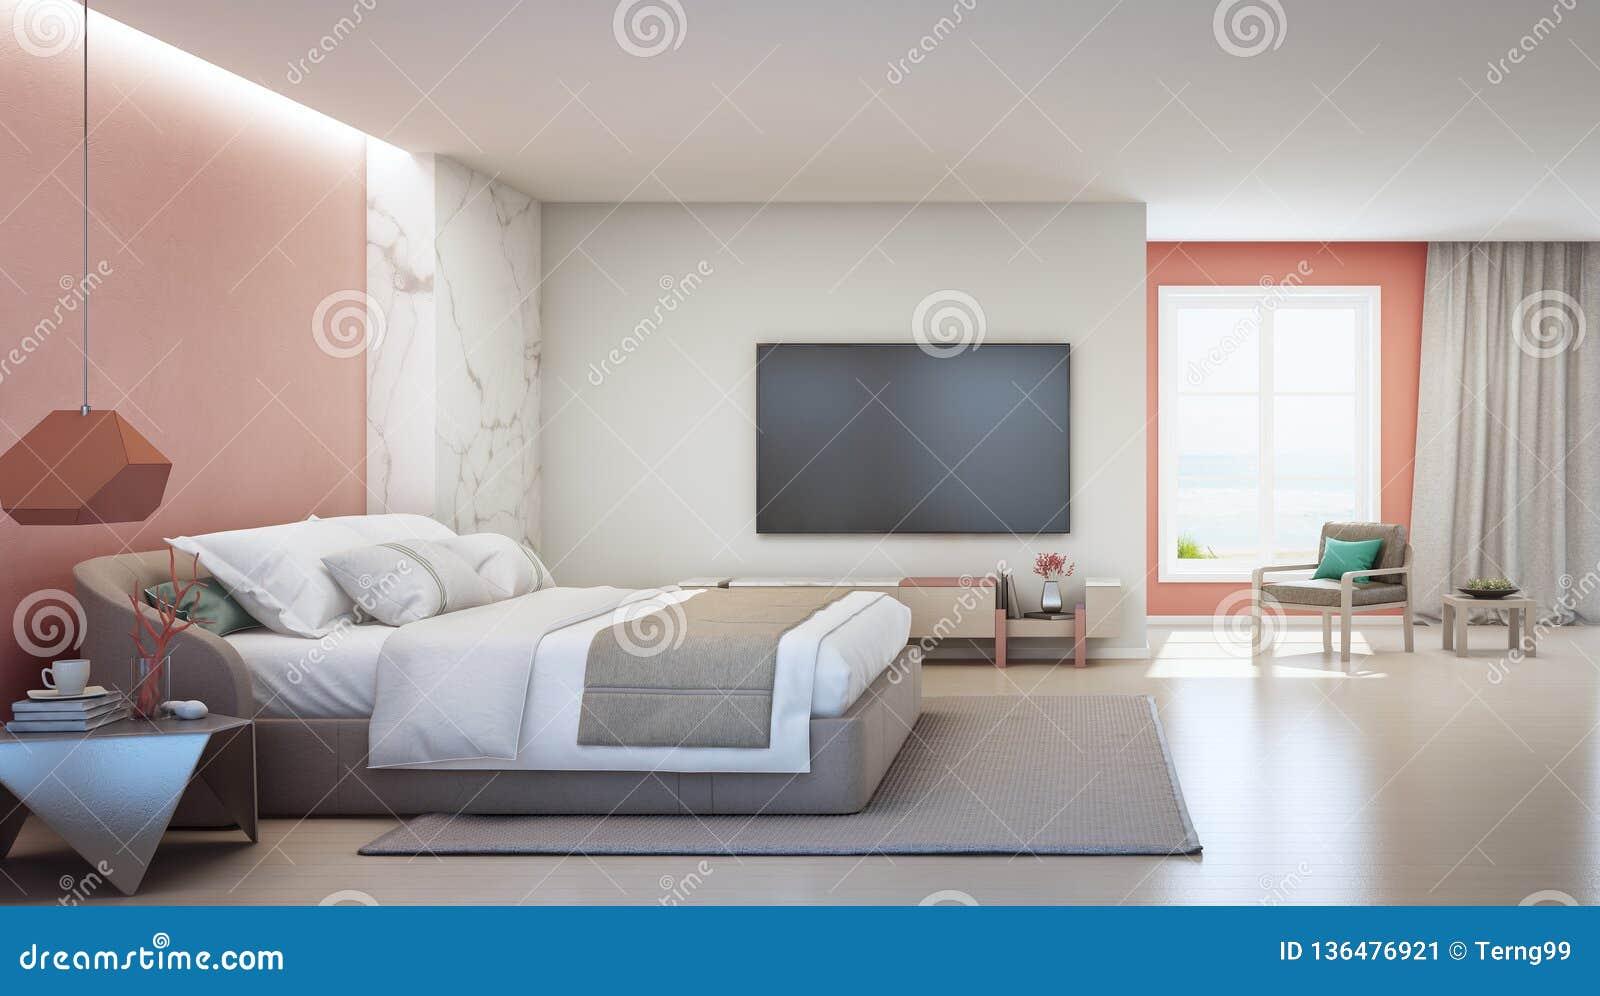 Camere Da Letto Matrimoniali Di Lusso.Camera Da Letto Di Vista Del Mare E Salone Di Corallo Rosa Della